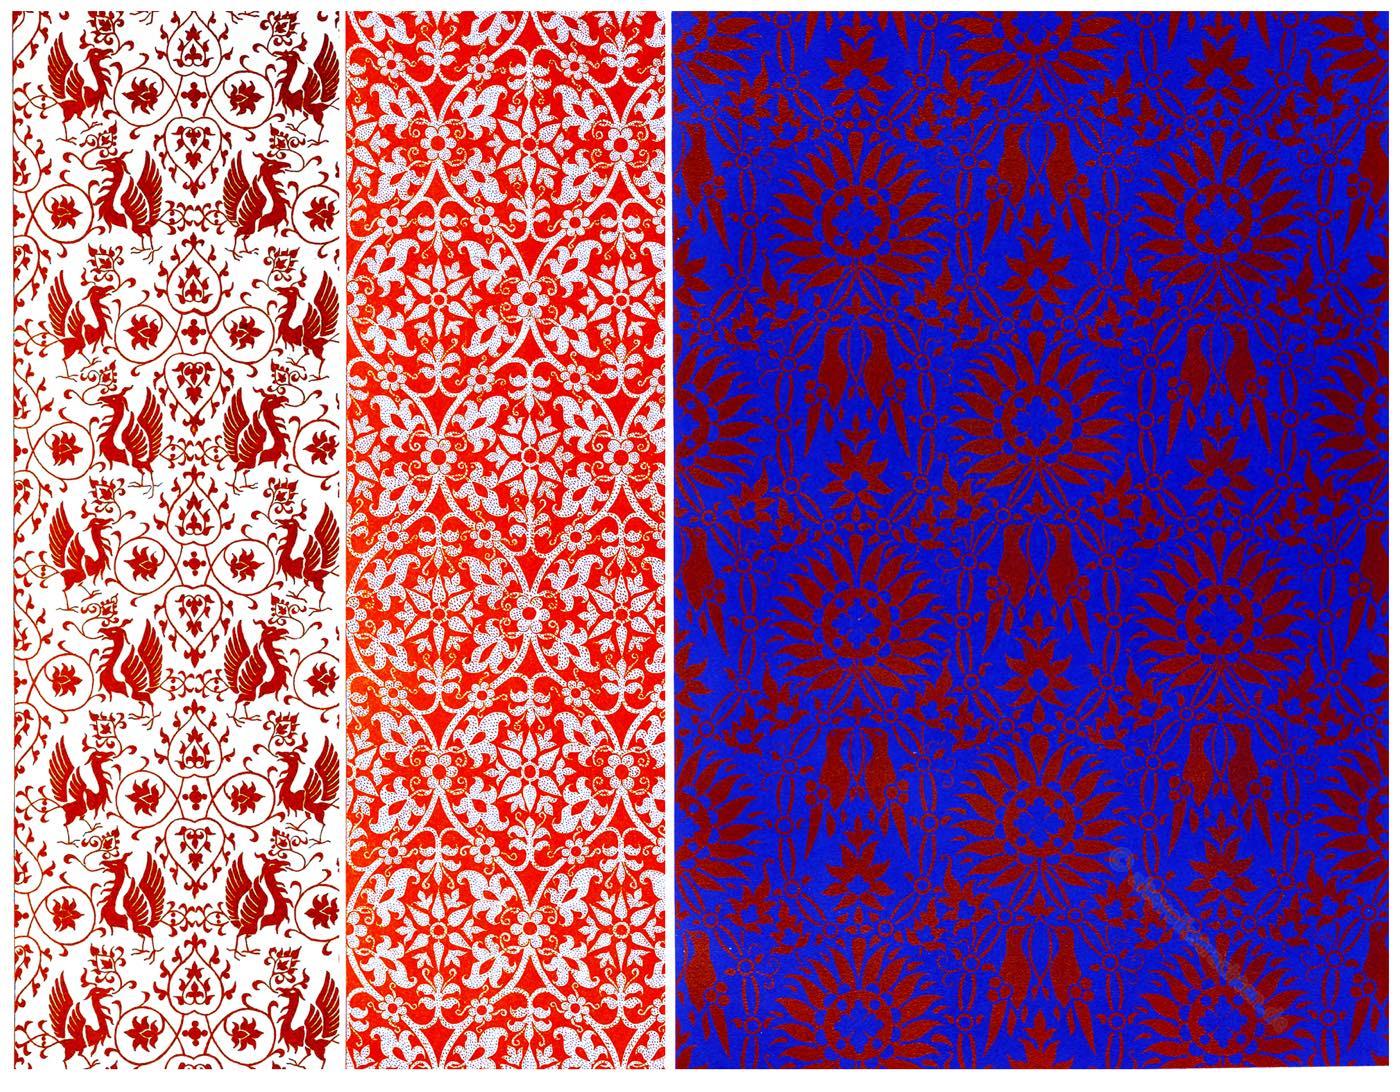 Ornamente, Italien, Mittelalter, Textildesign, Orcagna, Andrea di Cione, Jacopo,